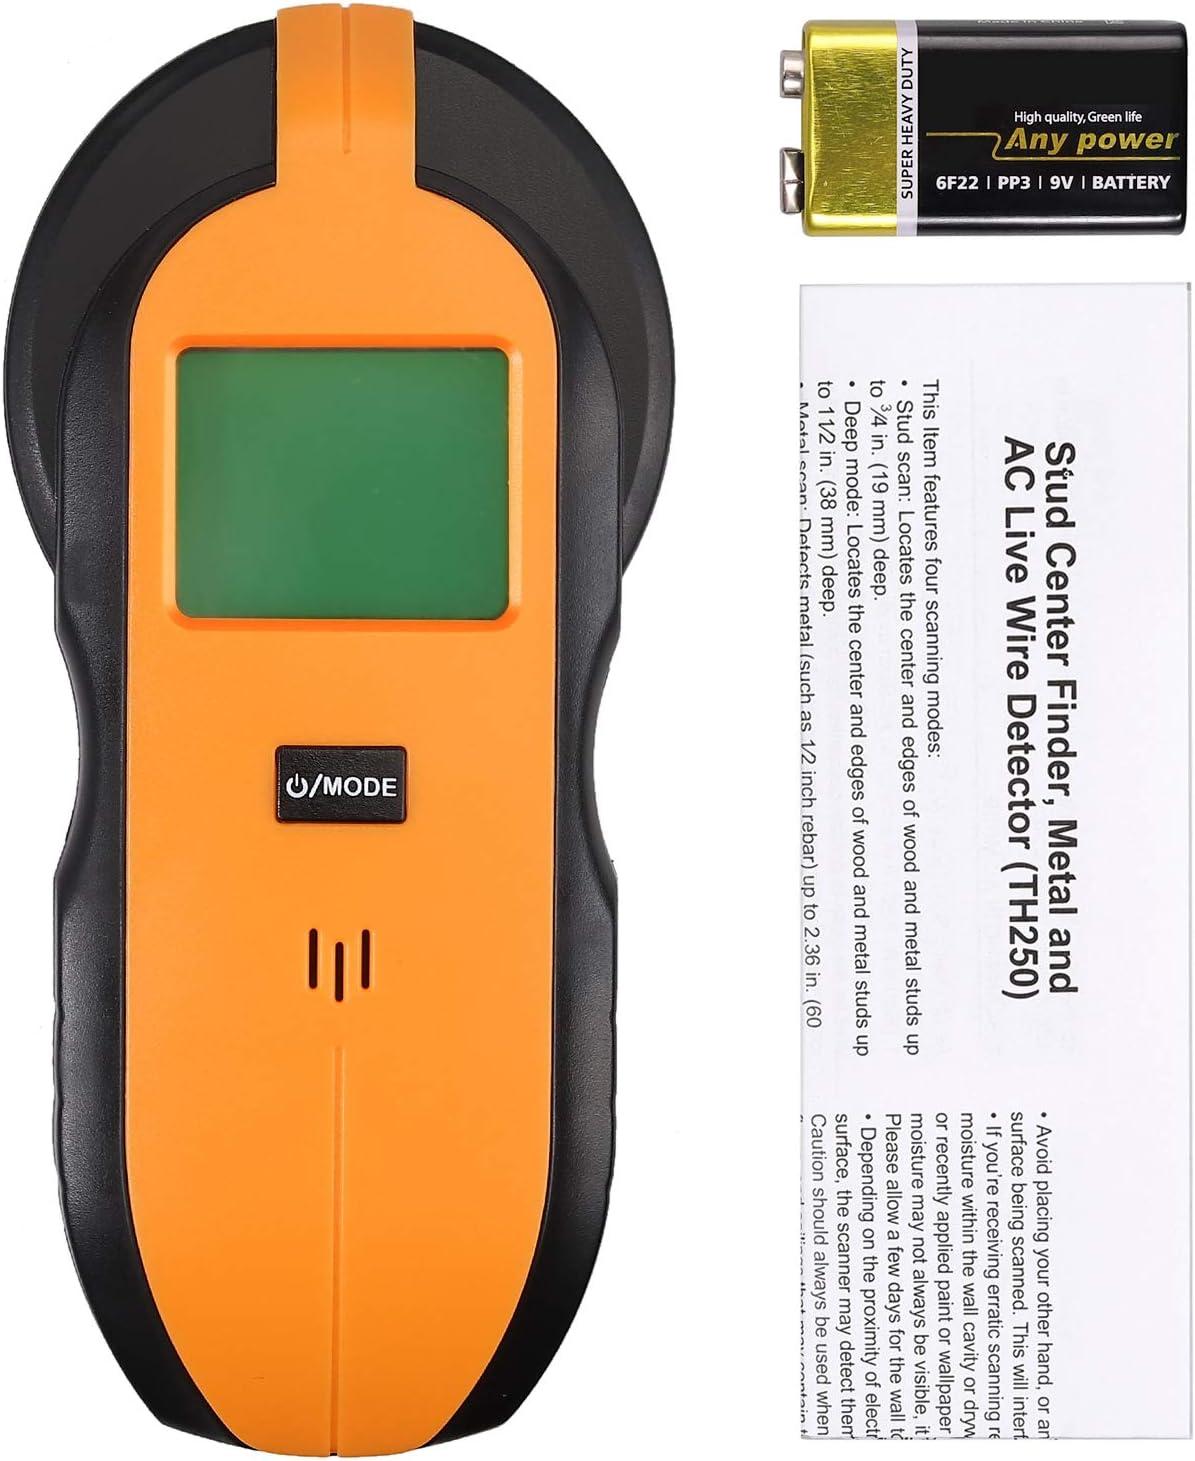 HGJVBFGH1 Manual Vacuum Seal Compressed Storage Bag Pump Compact Hand Air Vacuum Pump Black /& Yellow